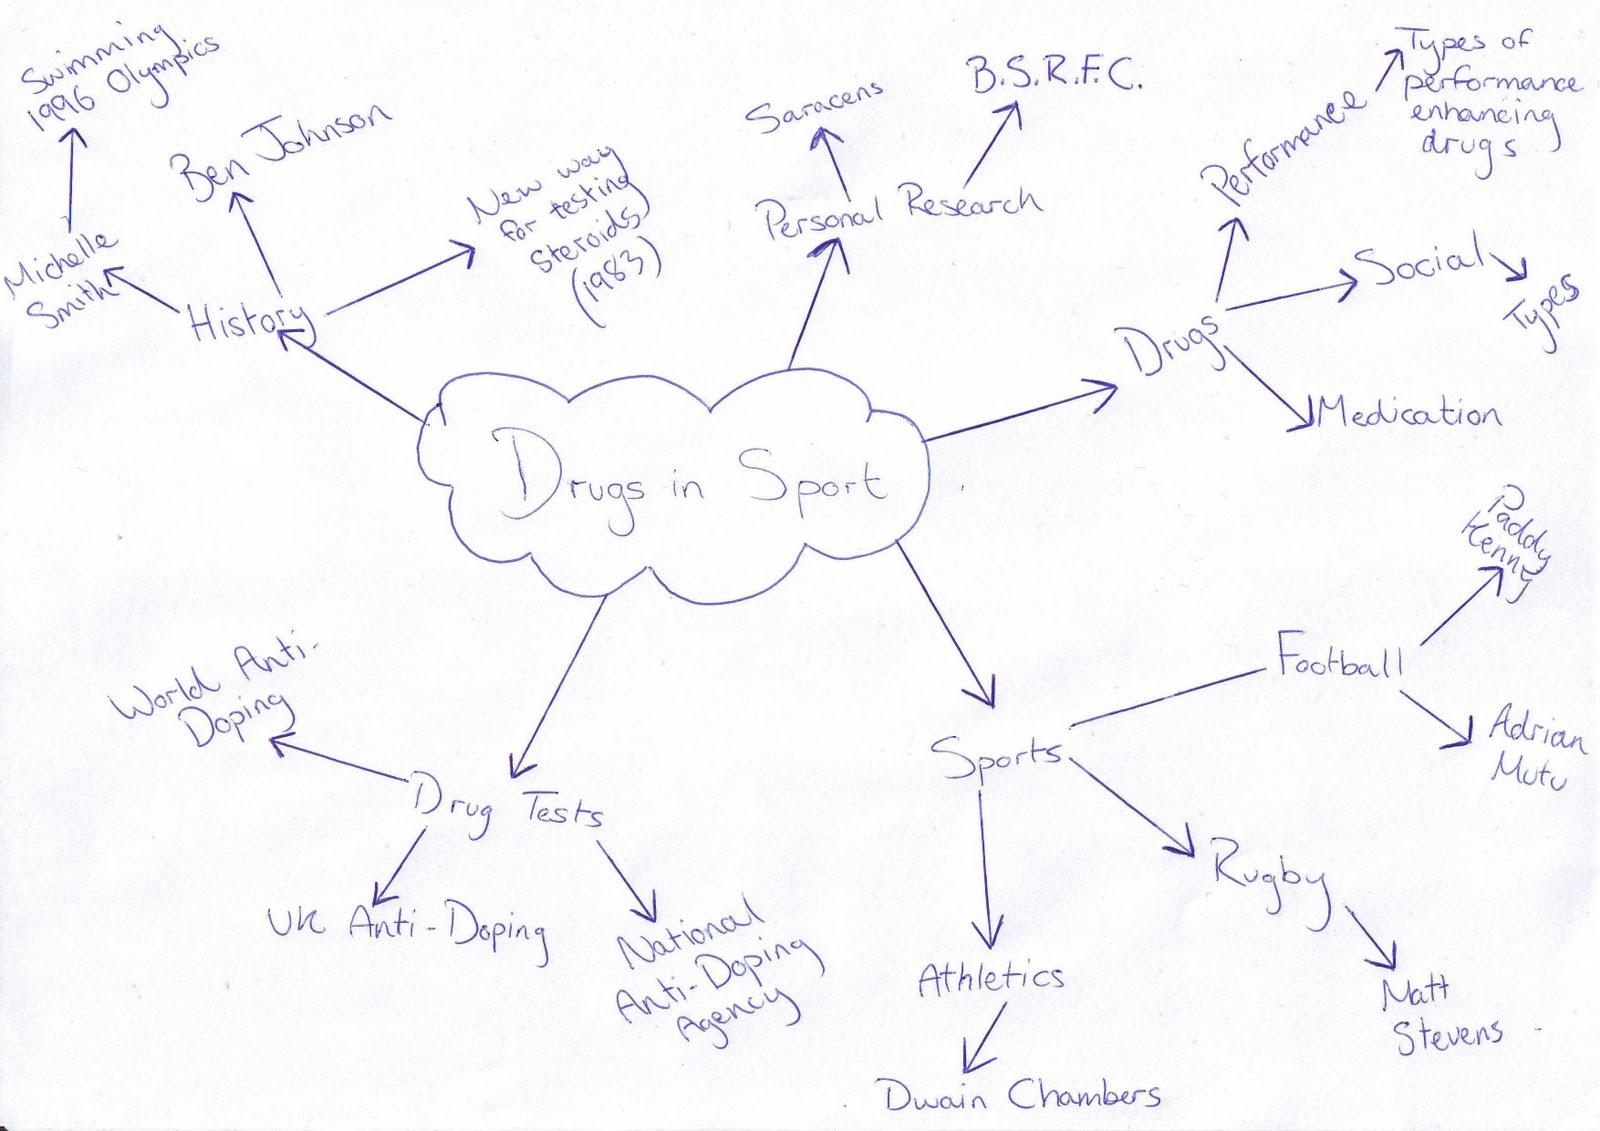 epq topic ideas